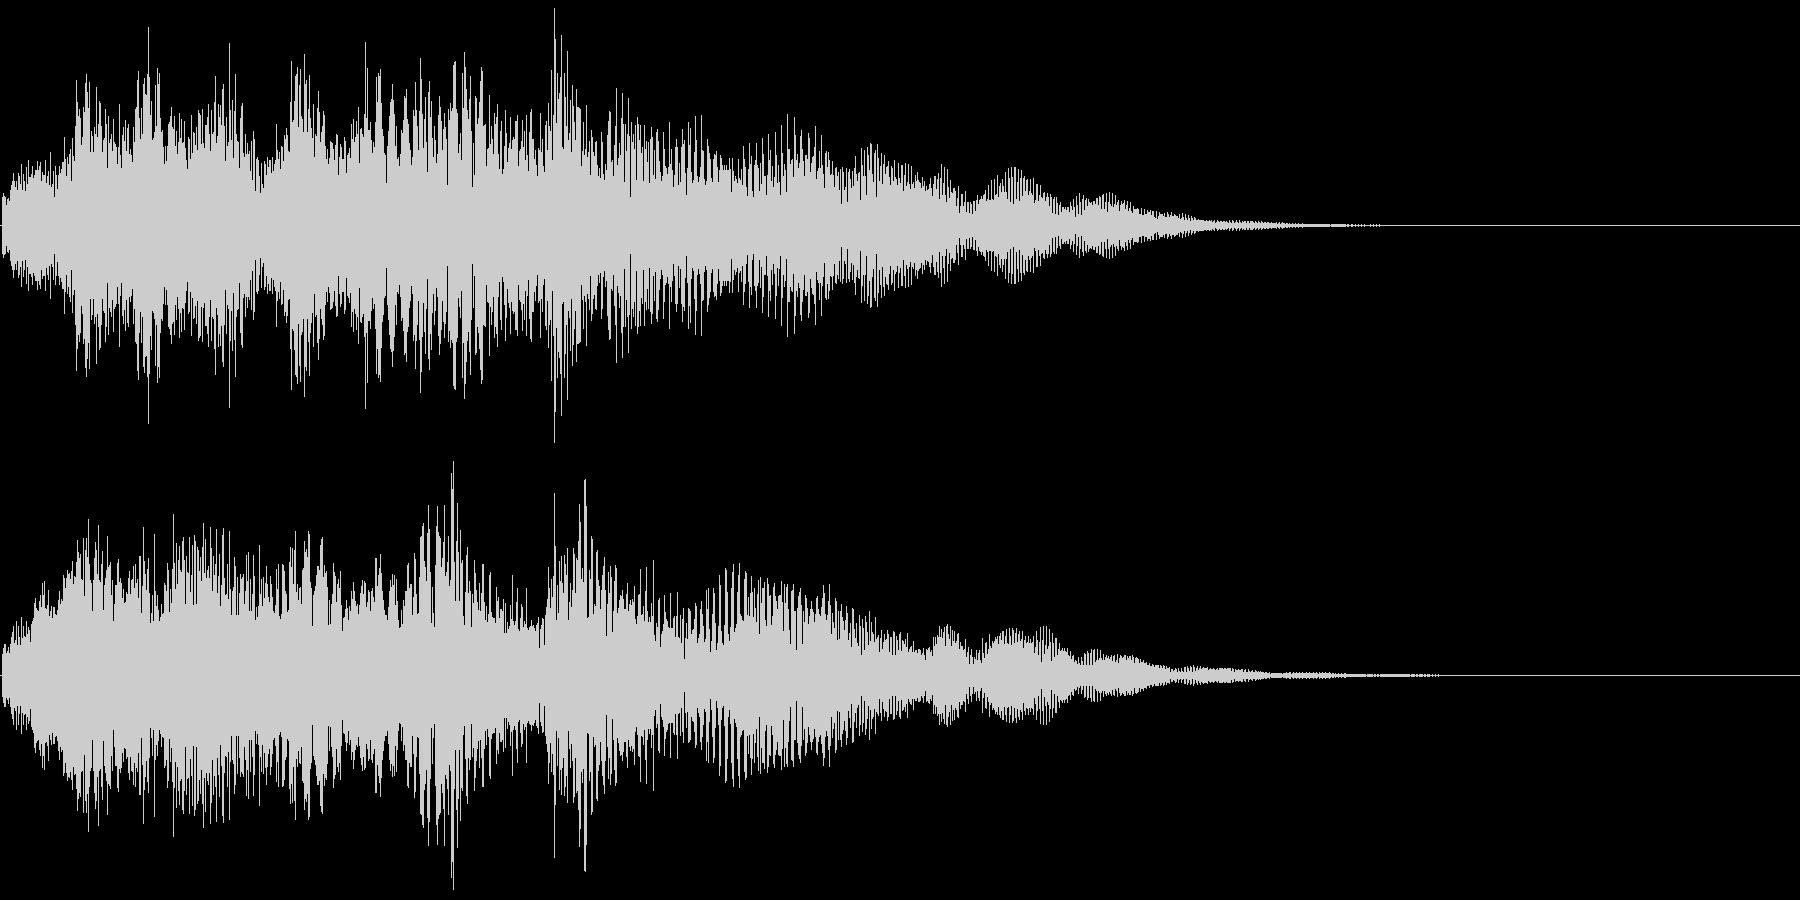 優しいチャイムお知らせタイトル ロゴ音9の未再生の波形